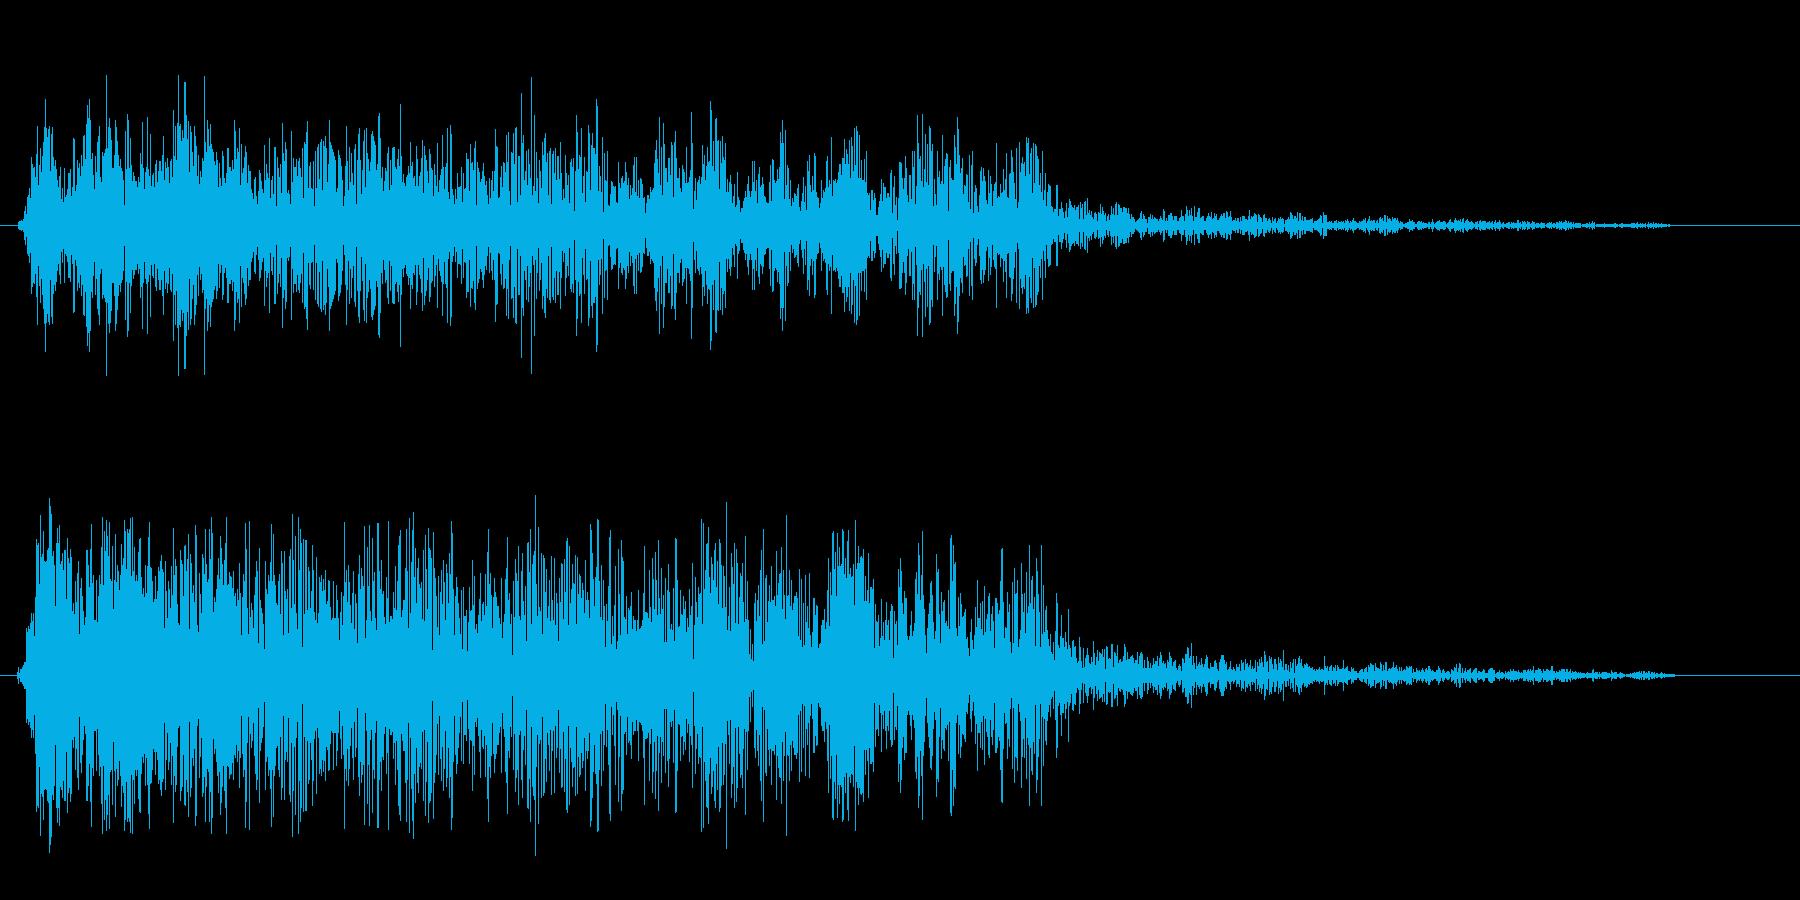 アバァーッ(怪物が吠えるような歪んだ音)の再生済みの波形